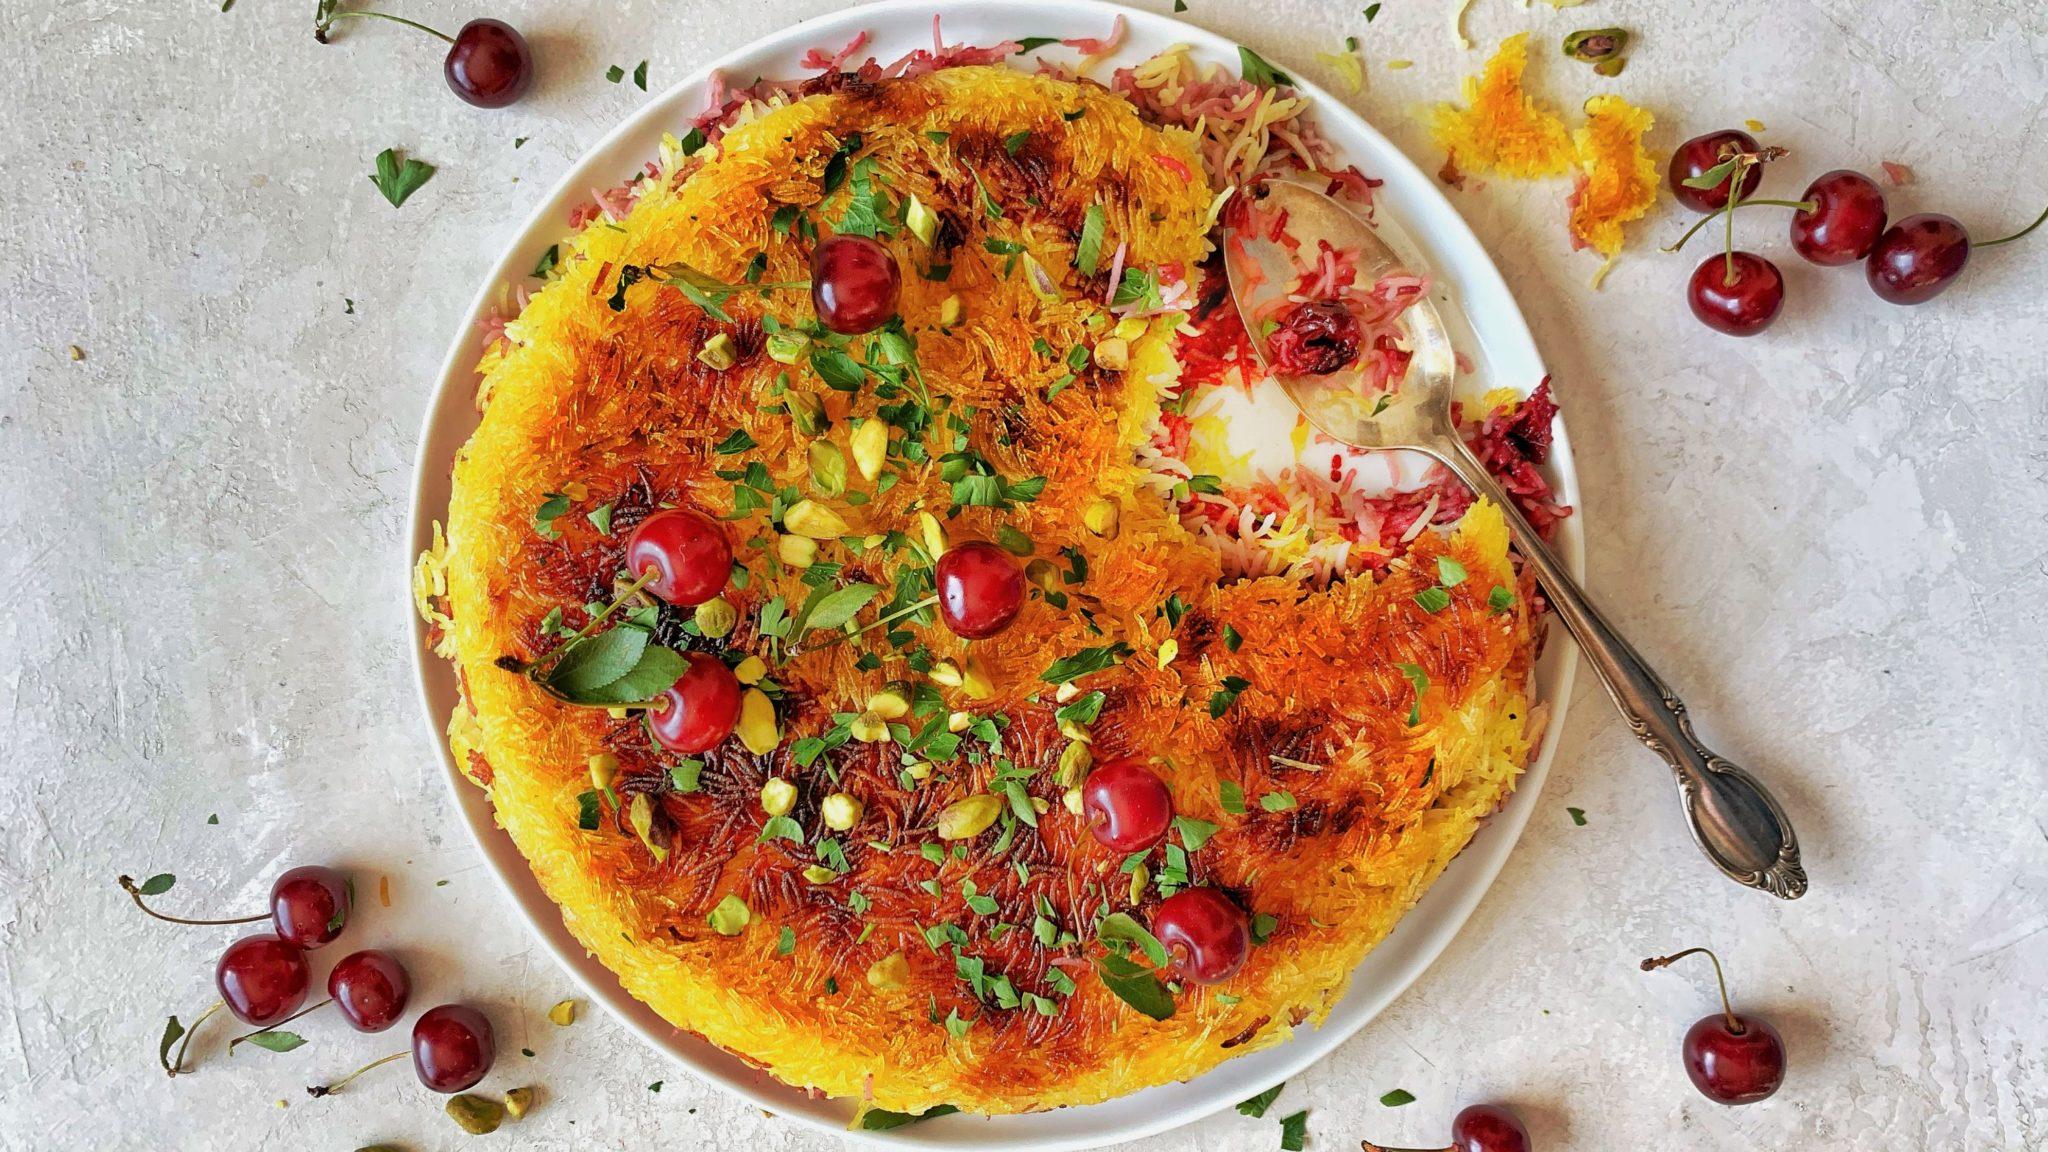 ۵ طرز تهیه ته دیگ سیب زمینی برنج و ماکارونی، ته دیگ ماستی، کاهو، طرحدار و …